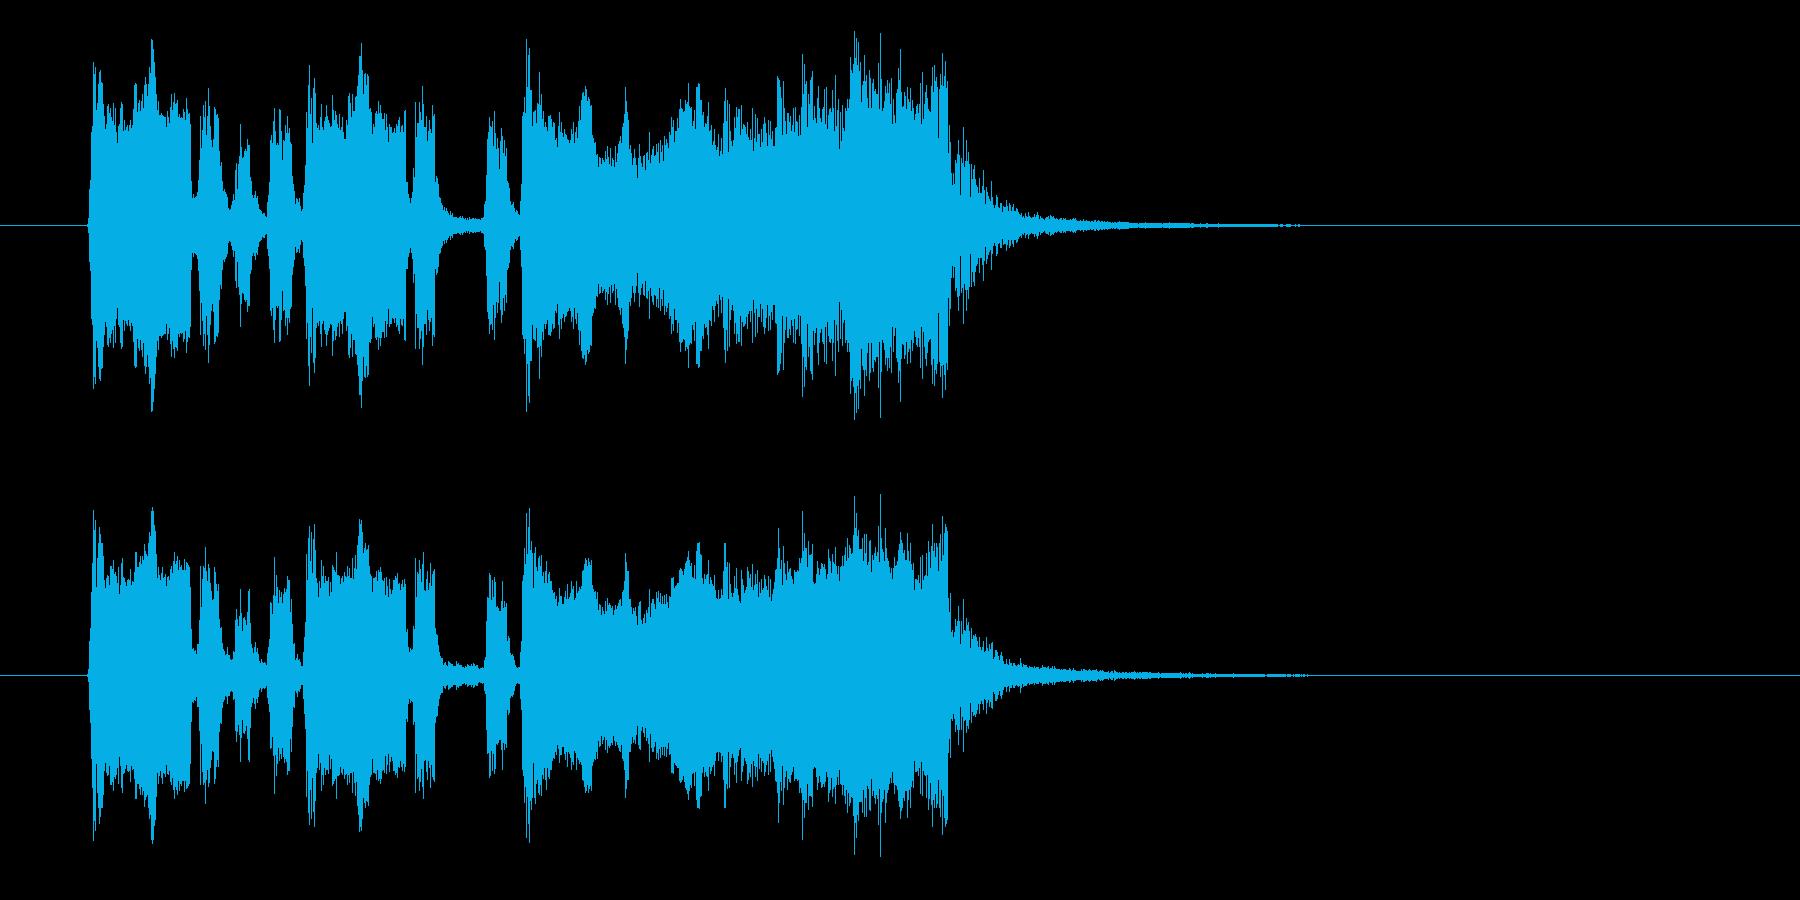 ゲームでゴールに達成したときの音の再生済みの波形